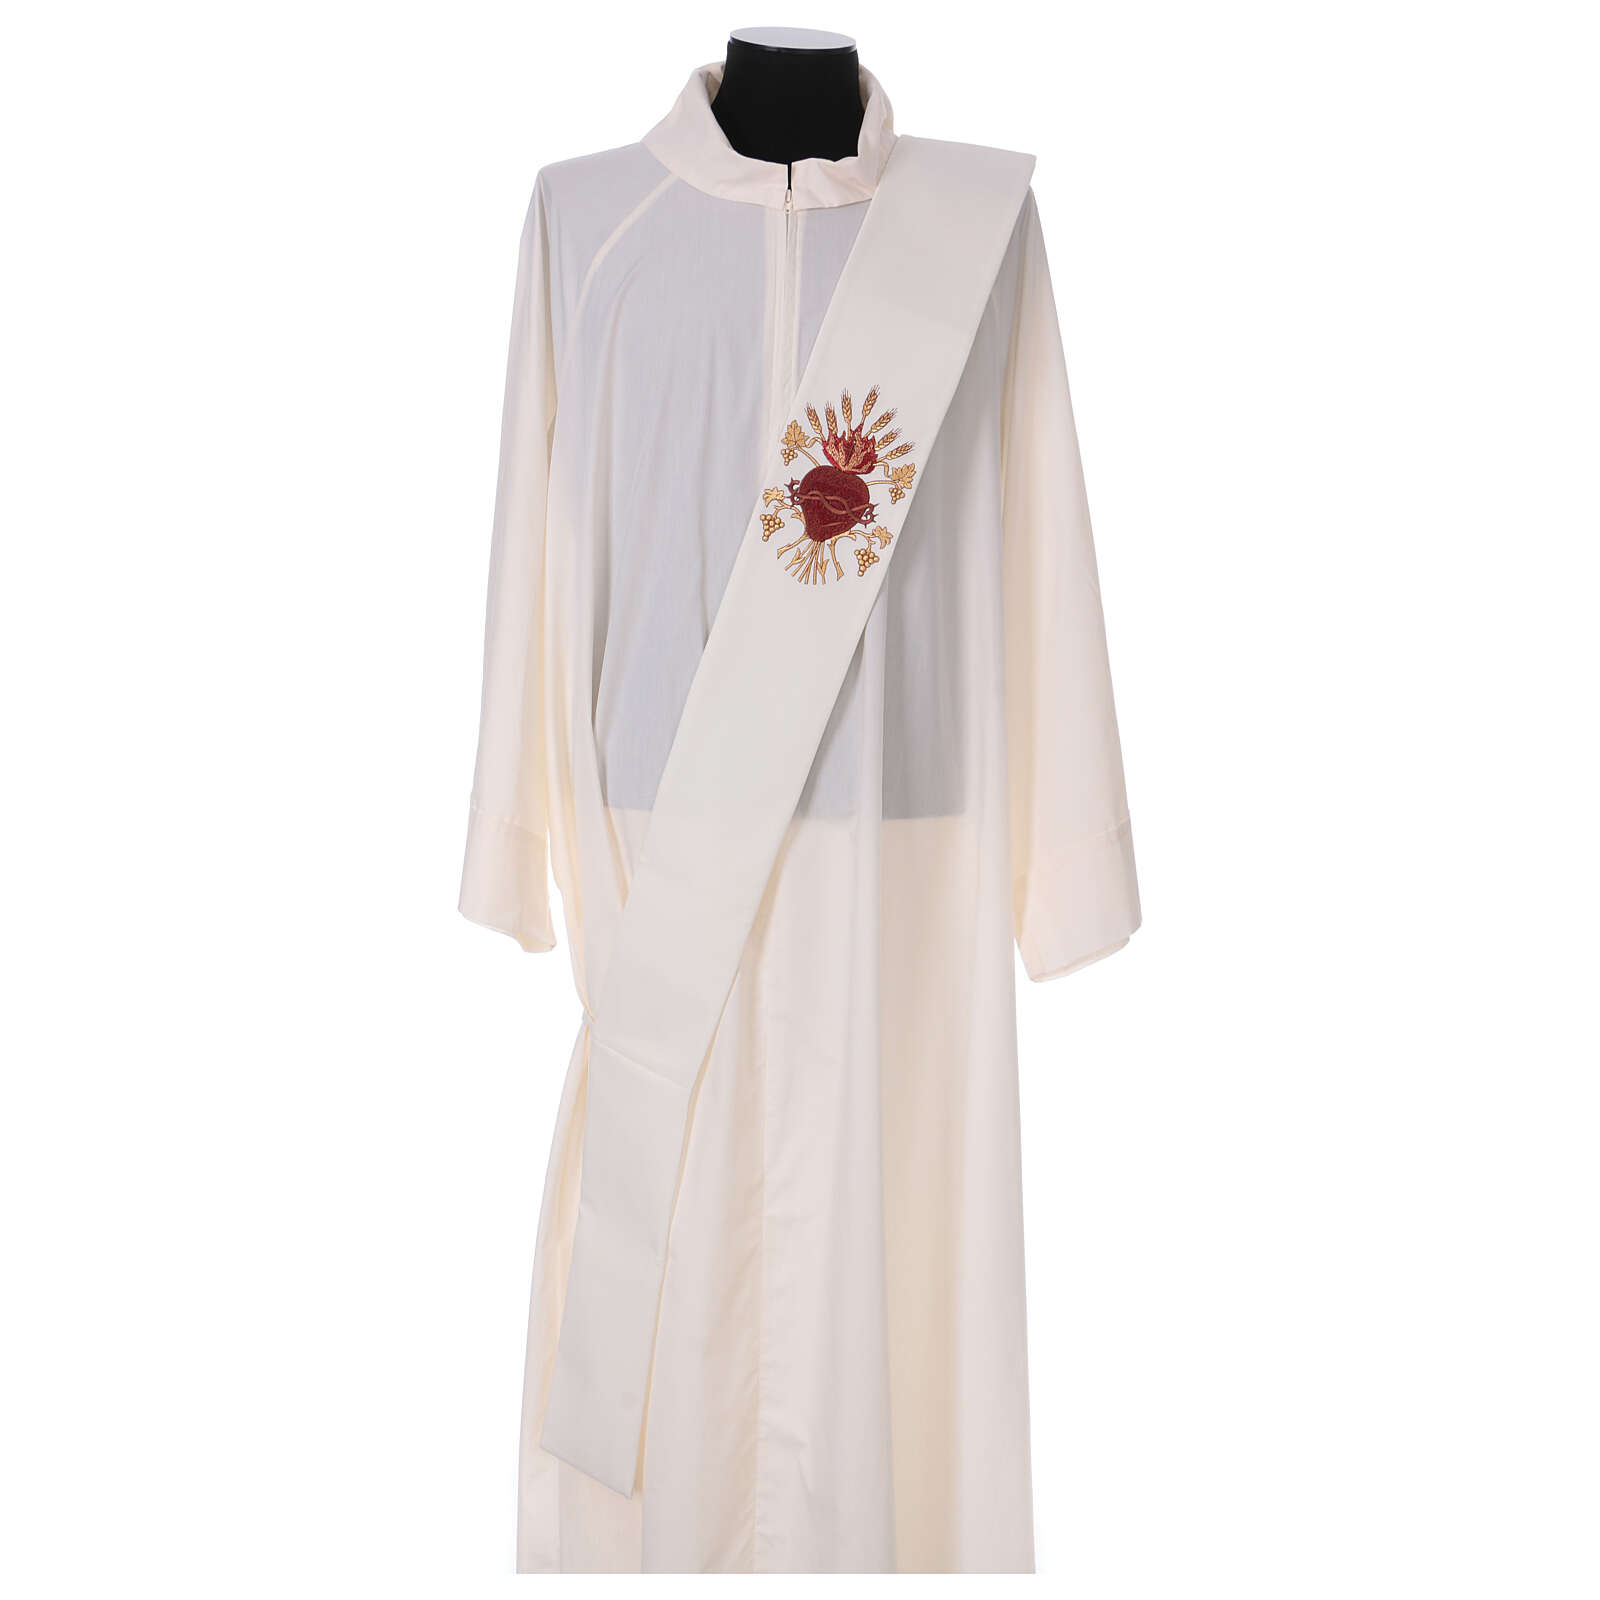 Estola diaconal lã poliéster cor de marfim sagrado coração com trigo e cachos uva 4